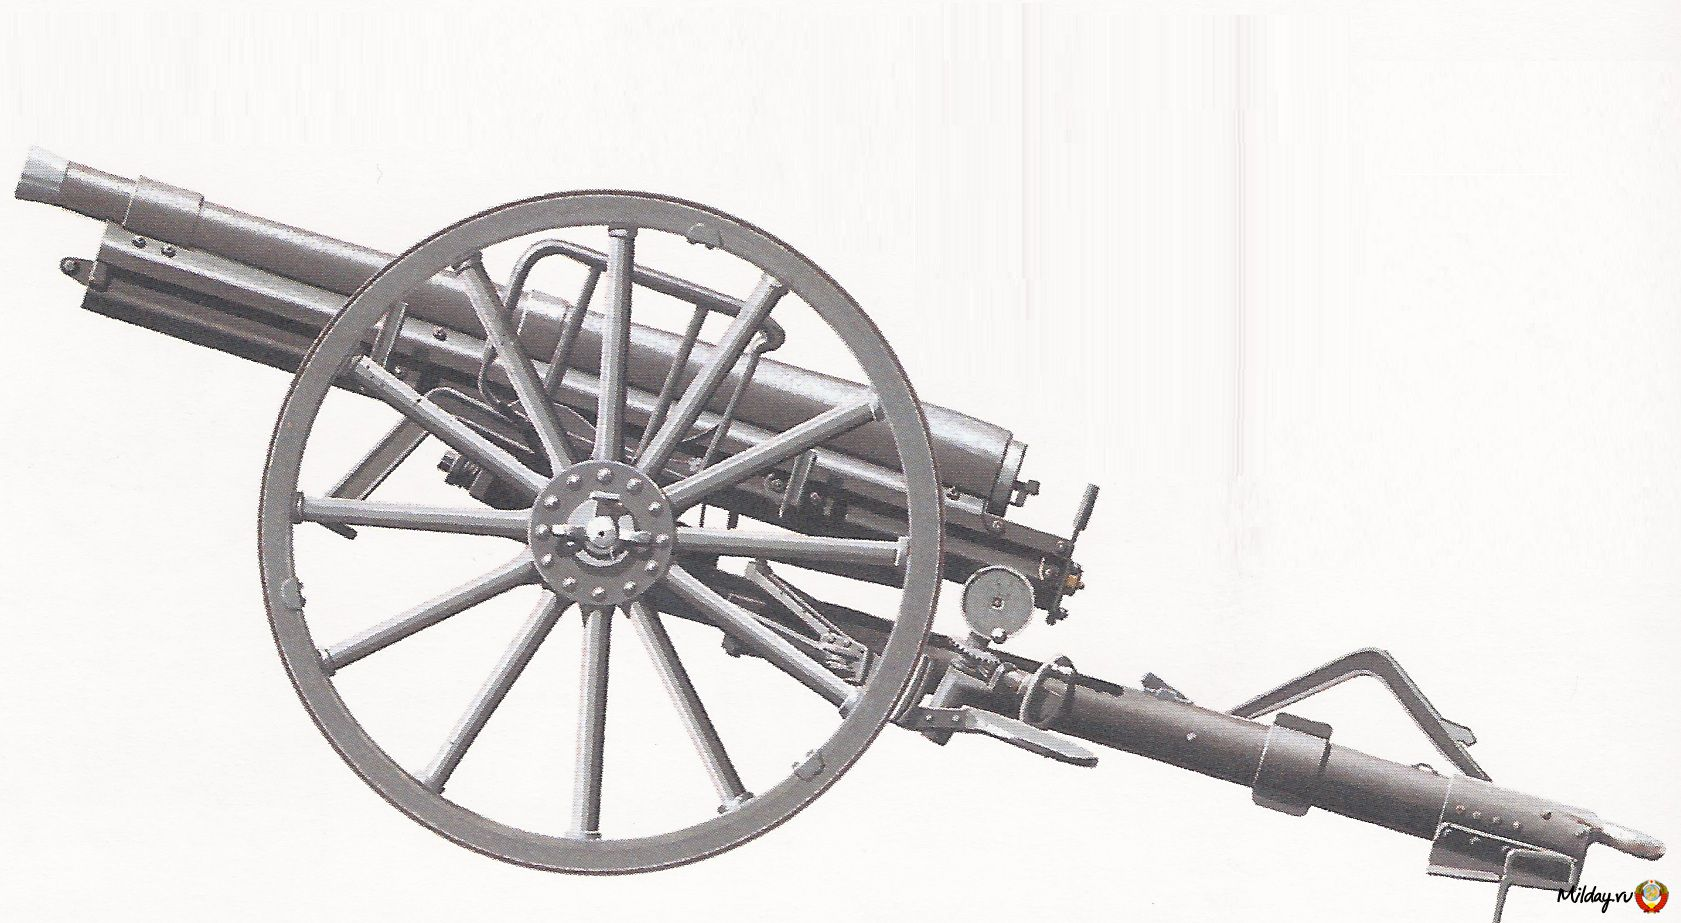 15-фунтовая полевая пушка концерна «Эрхард»